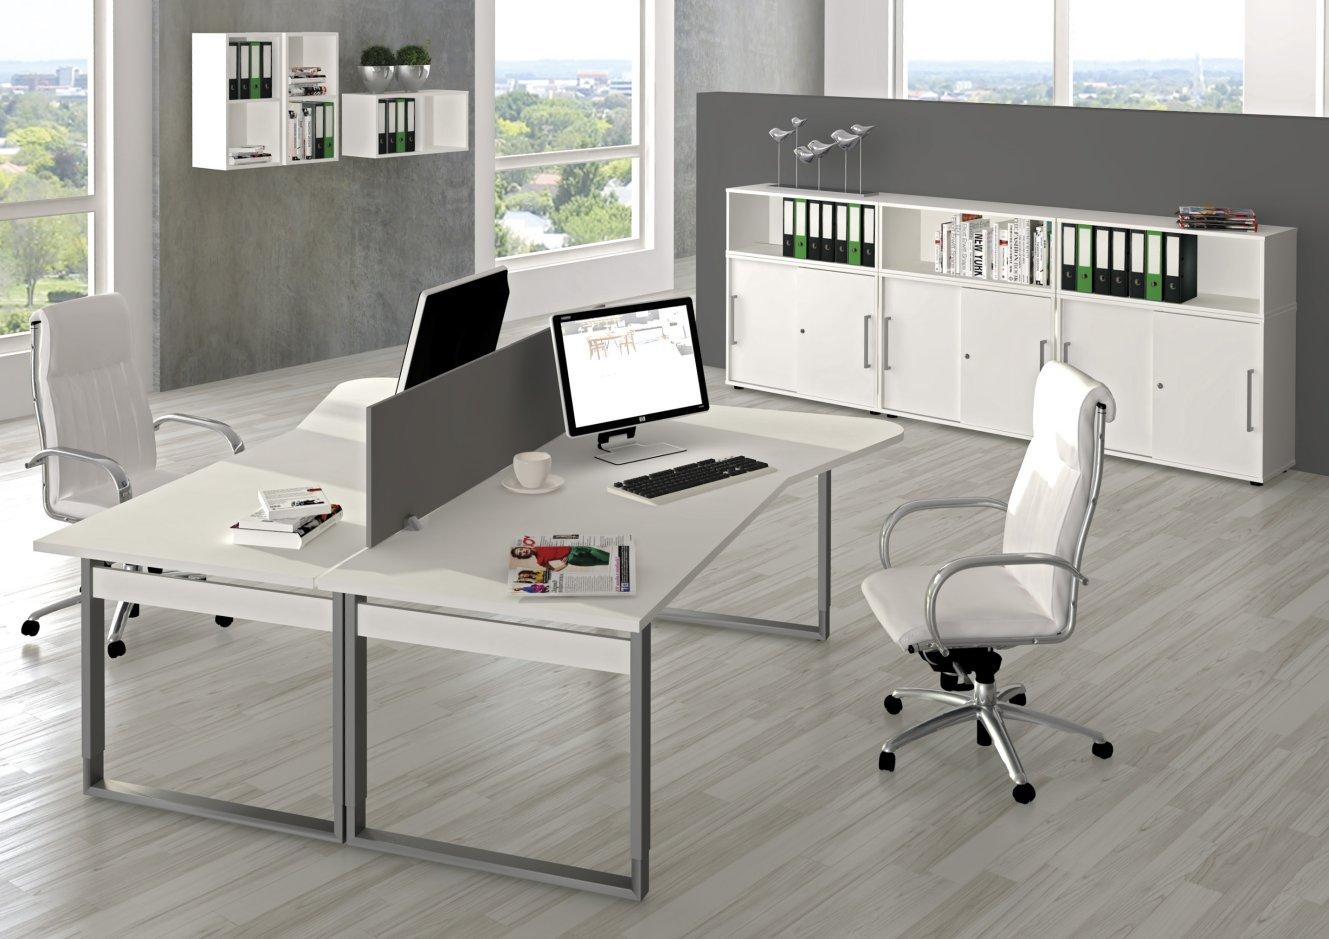 Hochwertige Edv Schreibtischen Mit Schreibtisch Trennwand